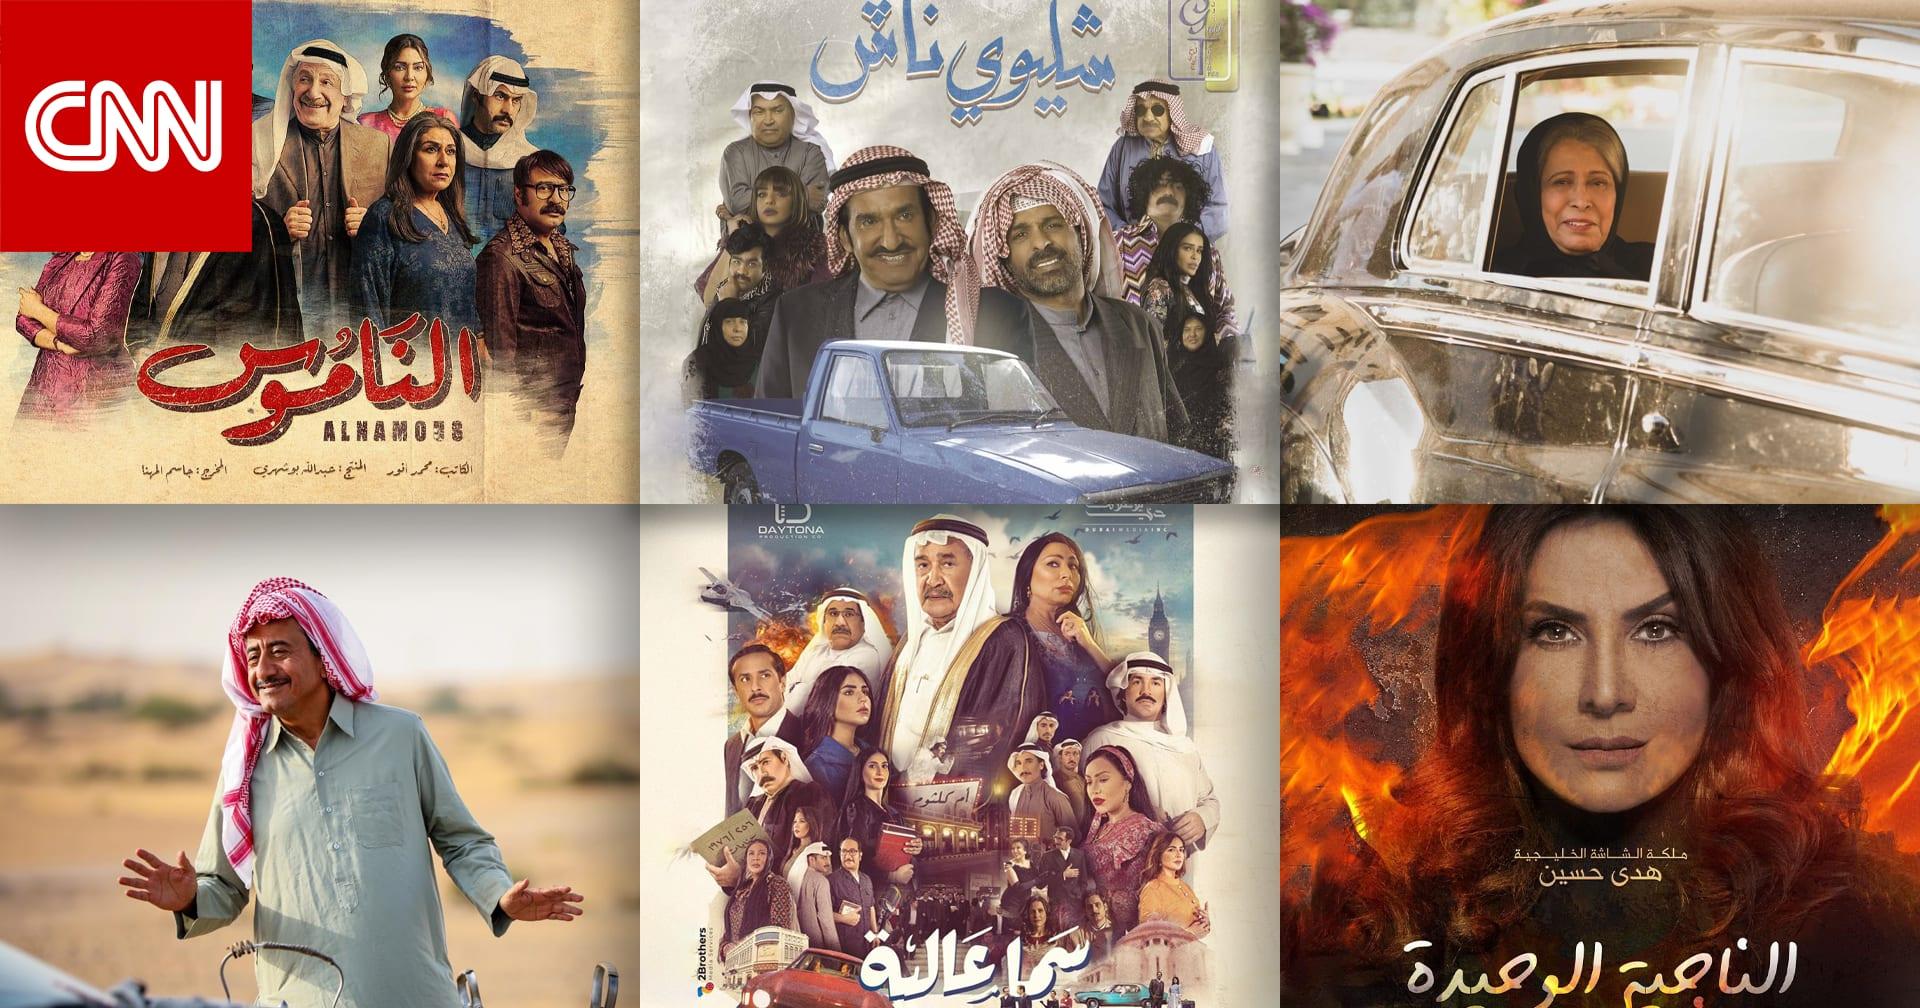 أبرز المسلسلات الخليجية في رمضان 2021.. القصص وقنوات العرض